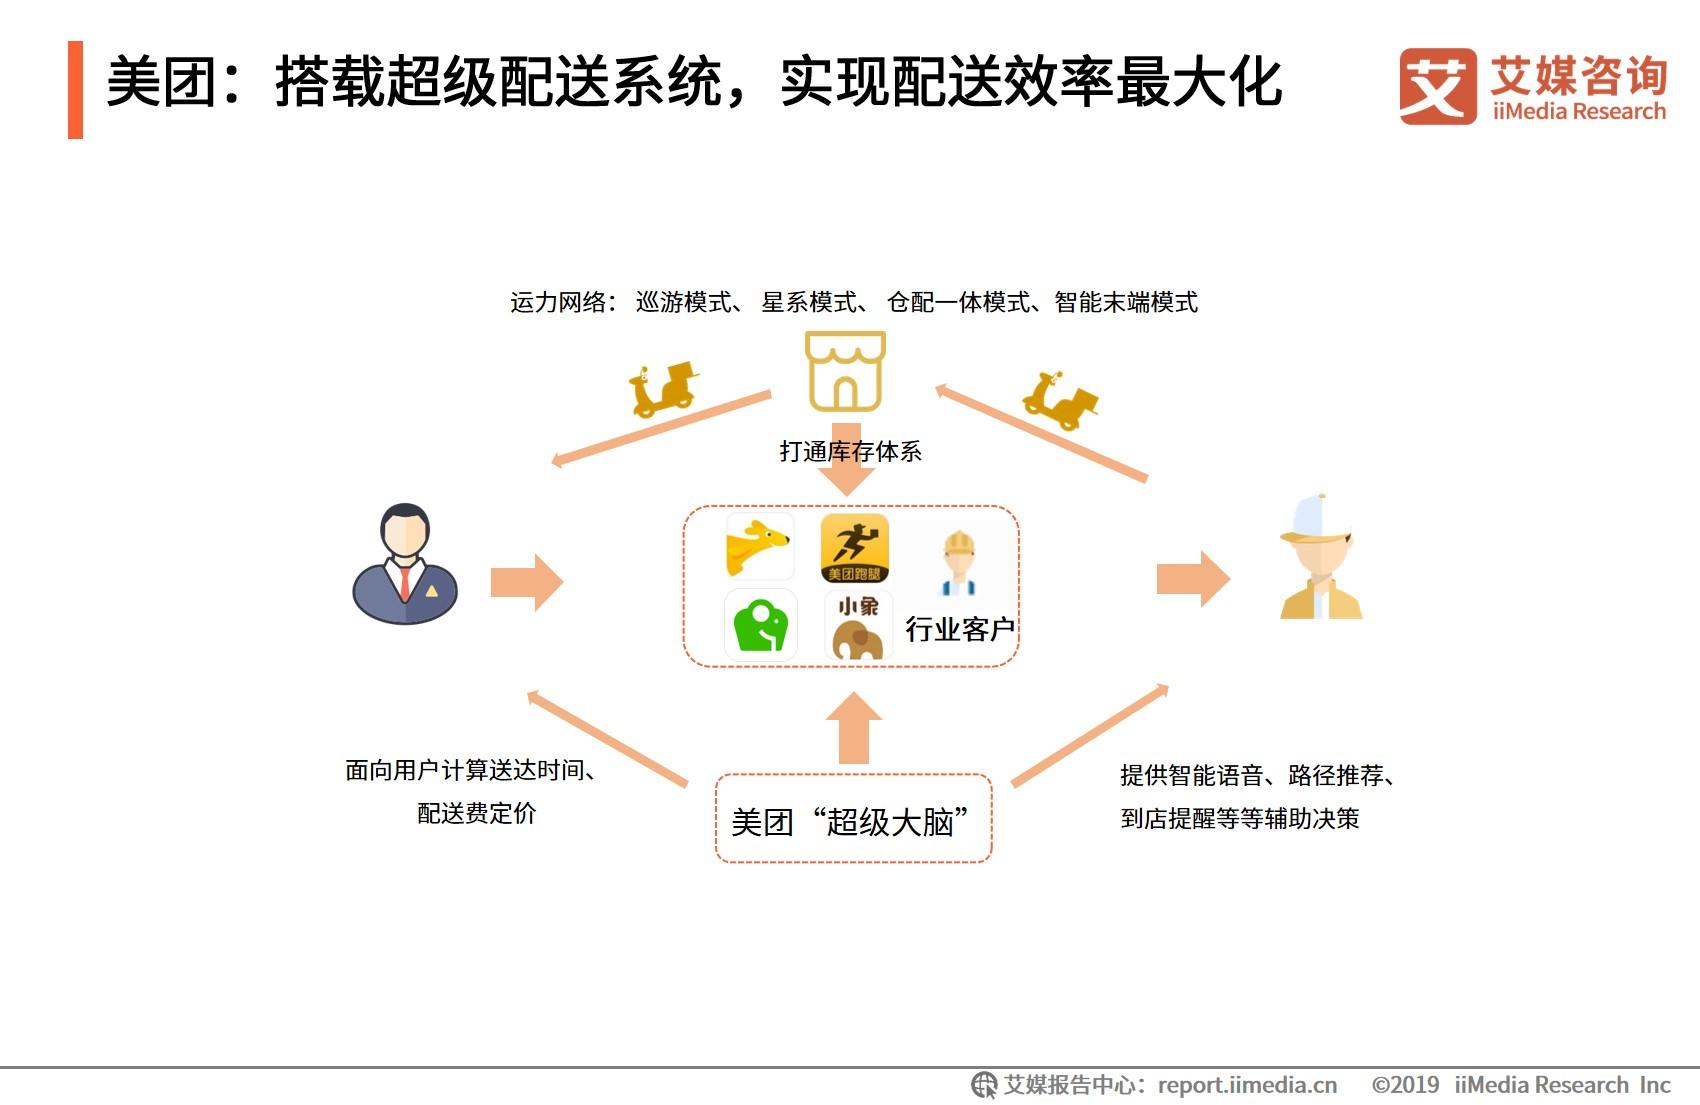 美团:搭载超级配送系统,实现配送效率最大化